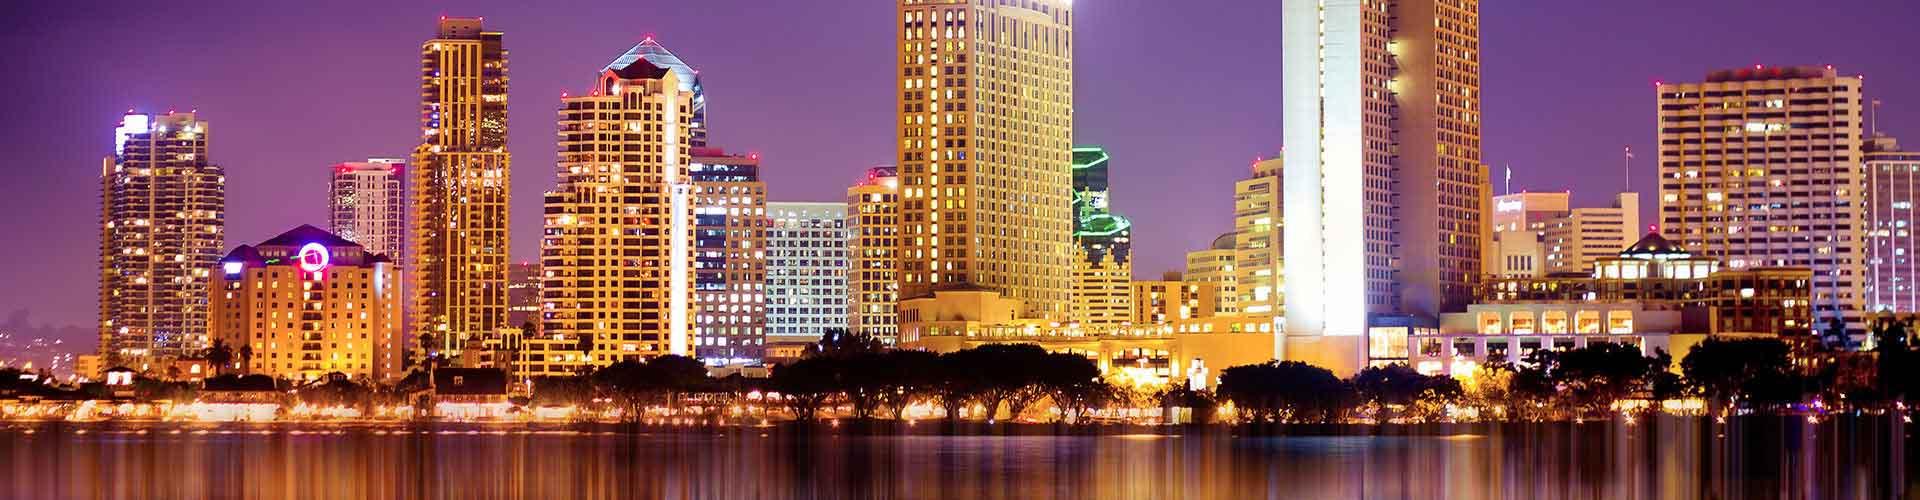 サンディエゴ – ホステル サンディエゴ. 地図 サンディエゴ, すべてのホステルの写真とレビュー サンディエゴ.